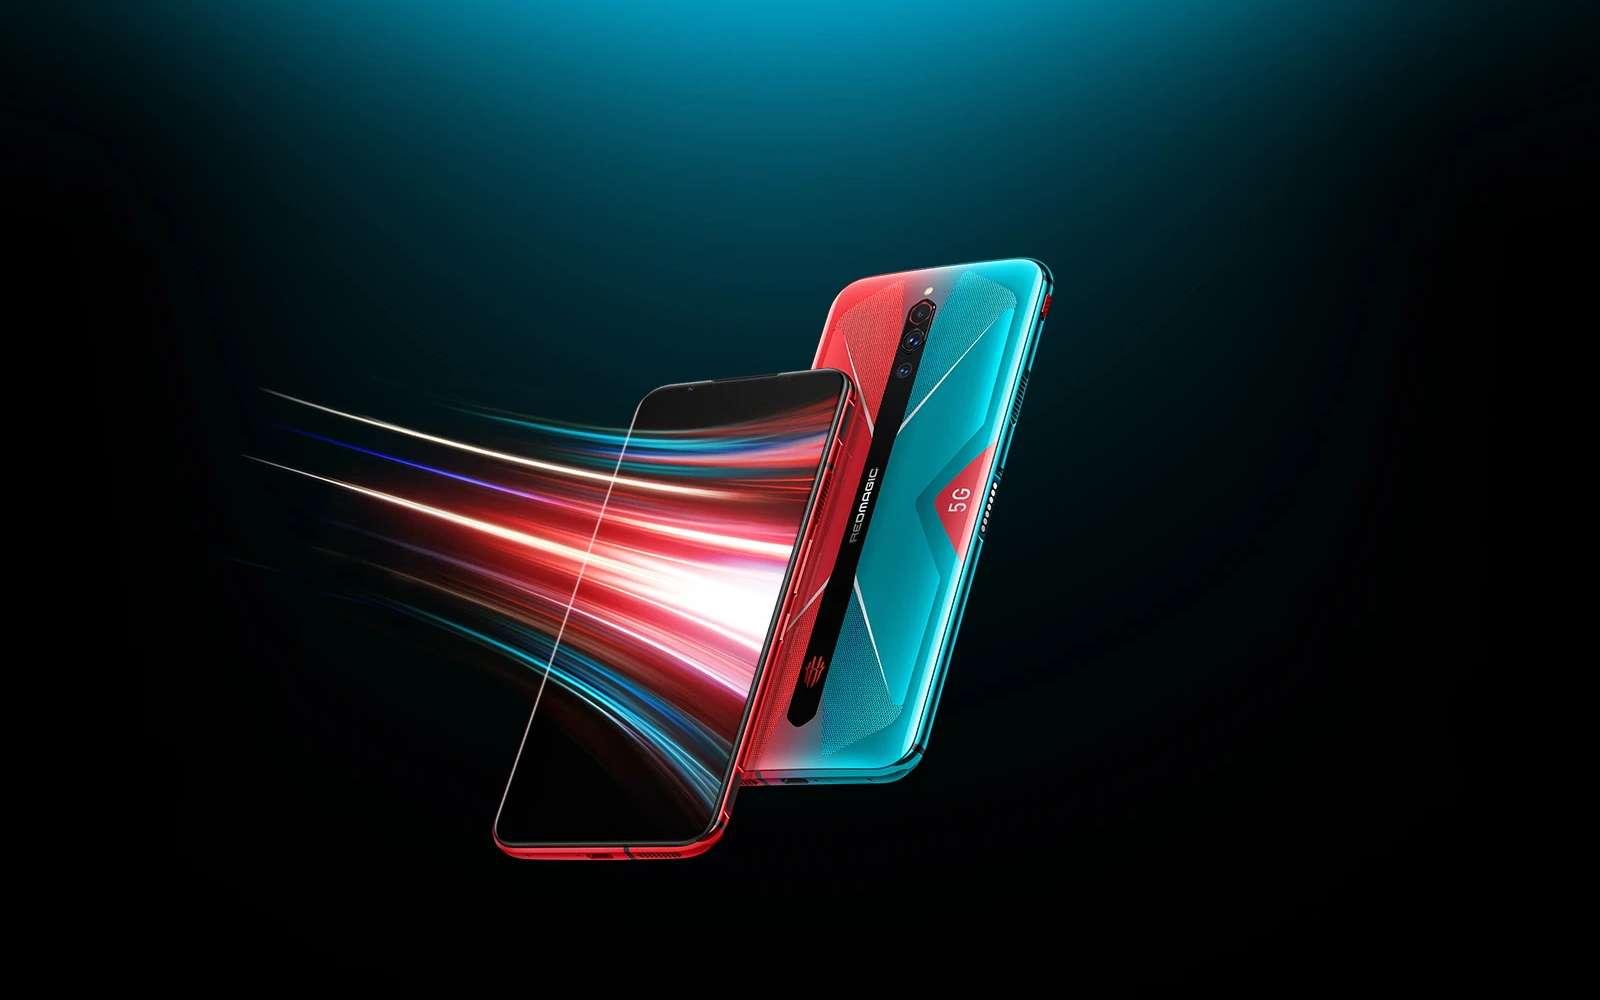 Le Red Magic 5G, le nouveau smartphone gamer de Nubia. © Nubia